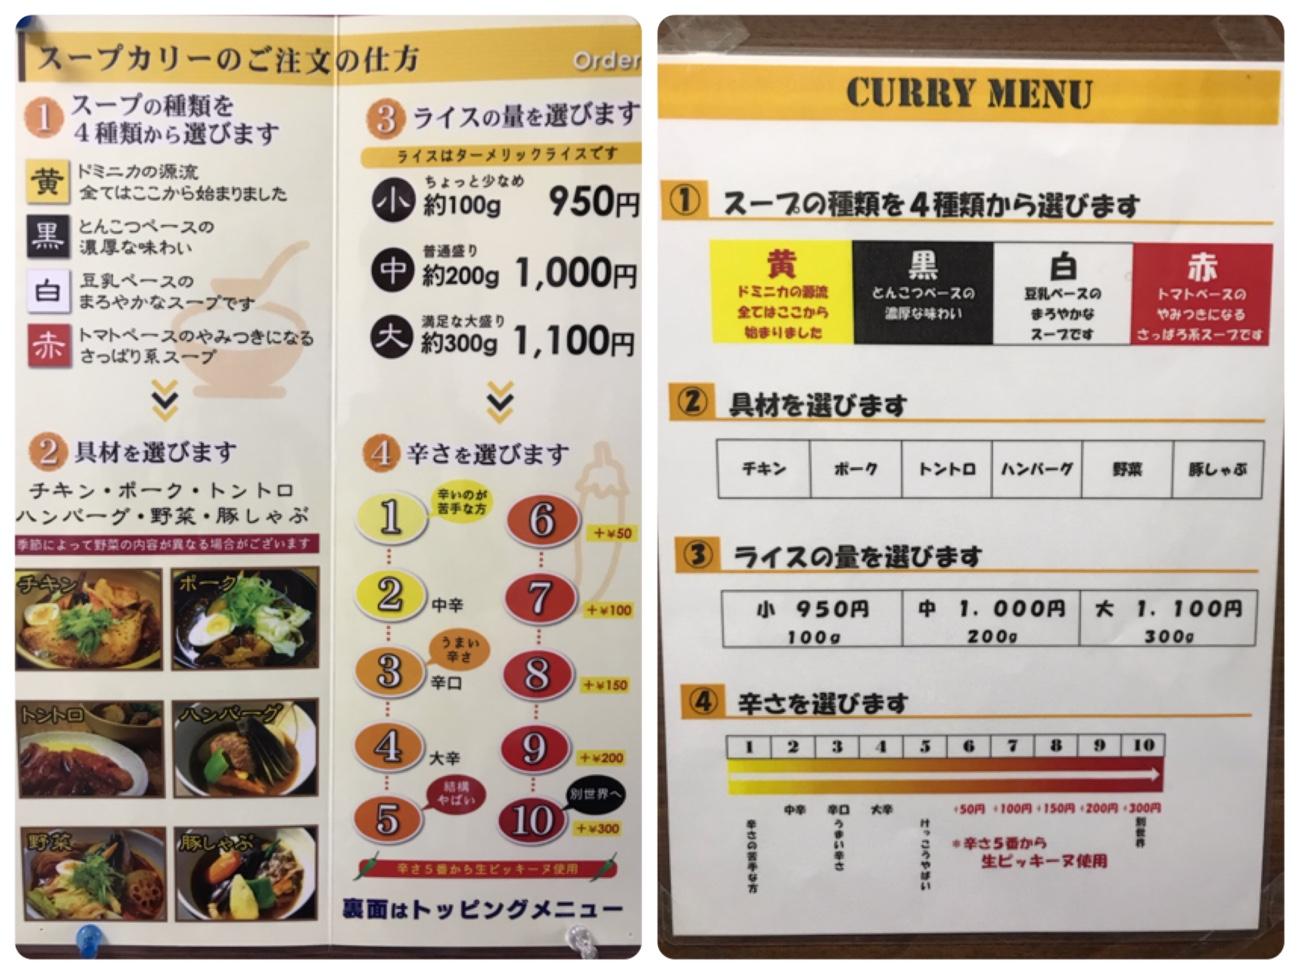 スープカレードミニカ 札幌 メニュー